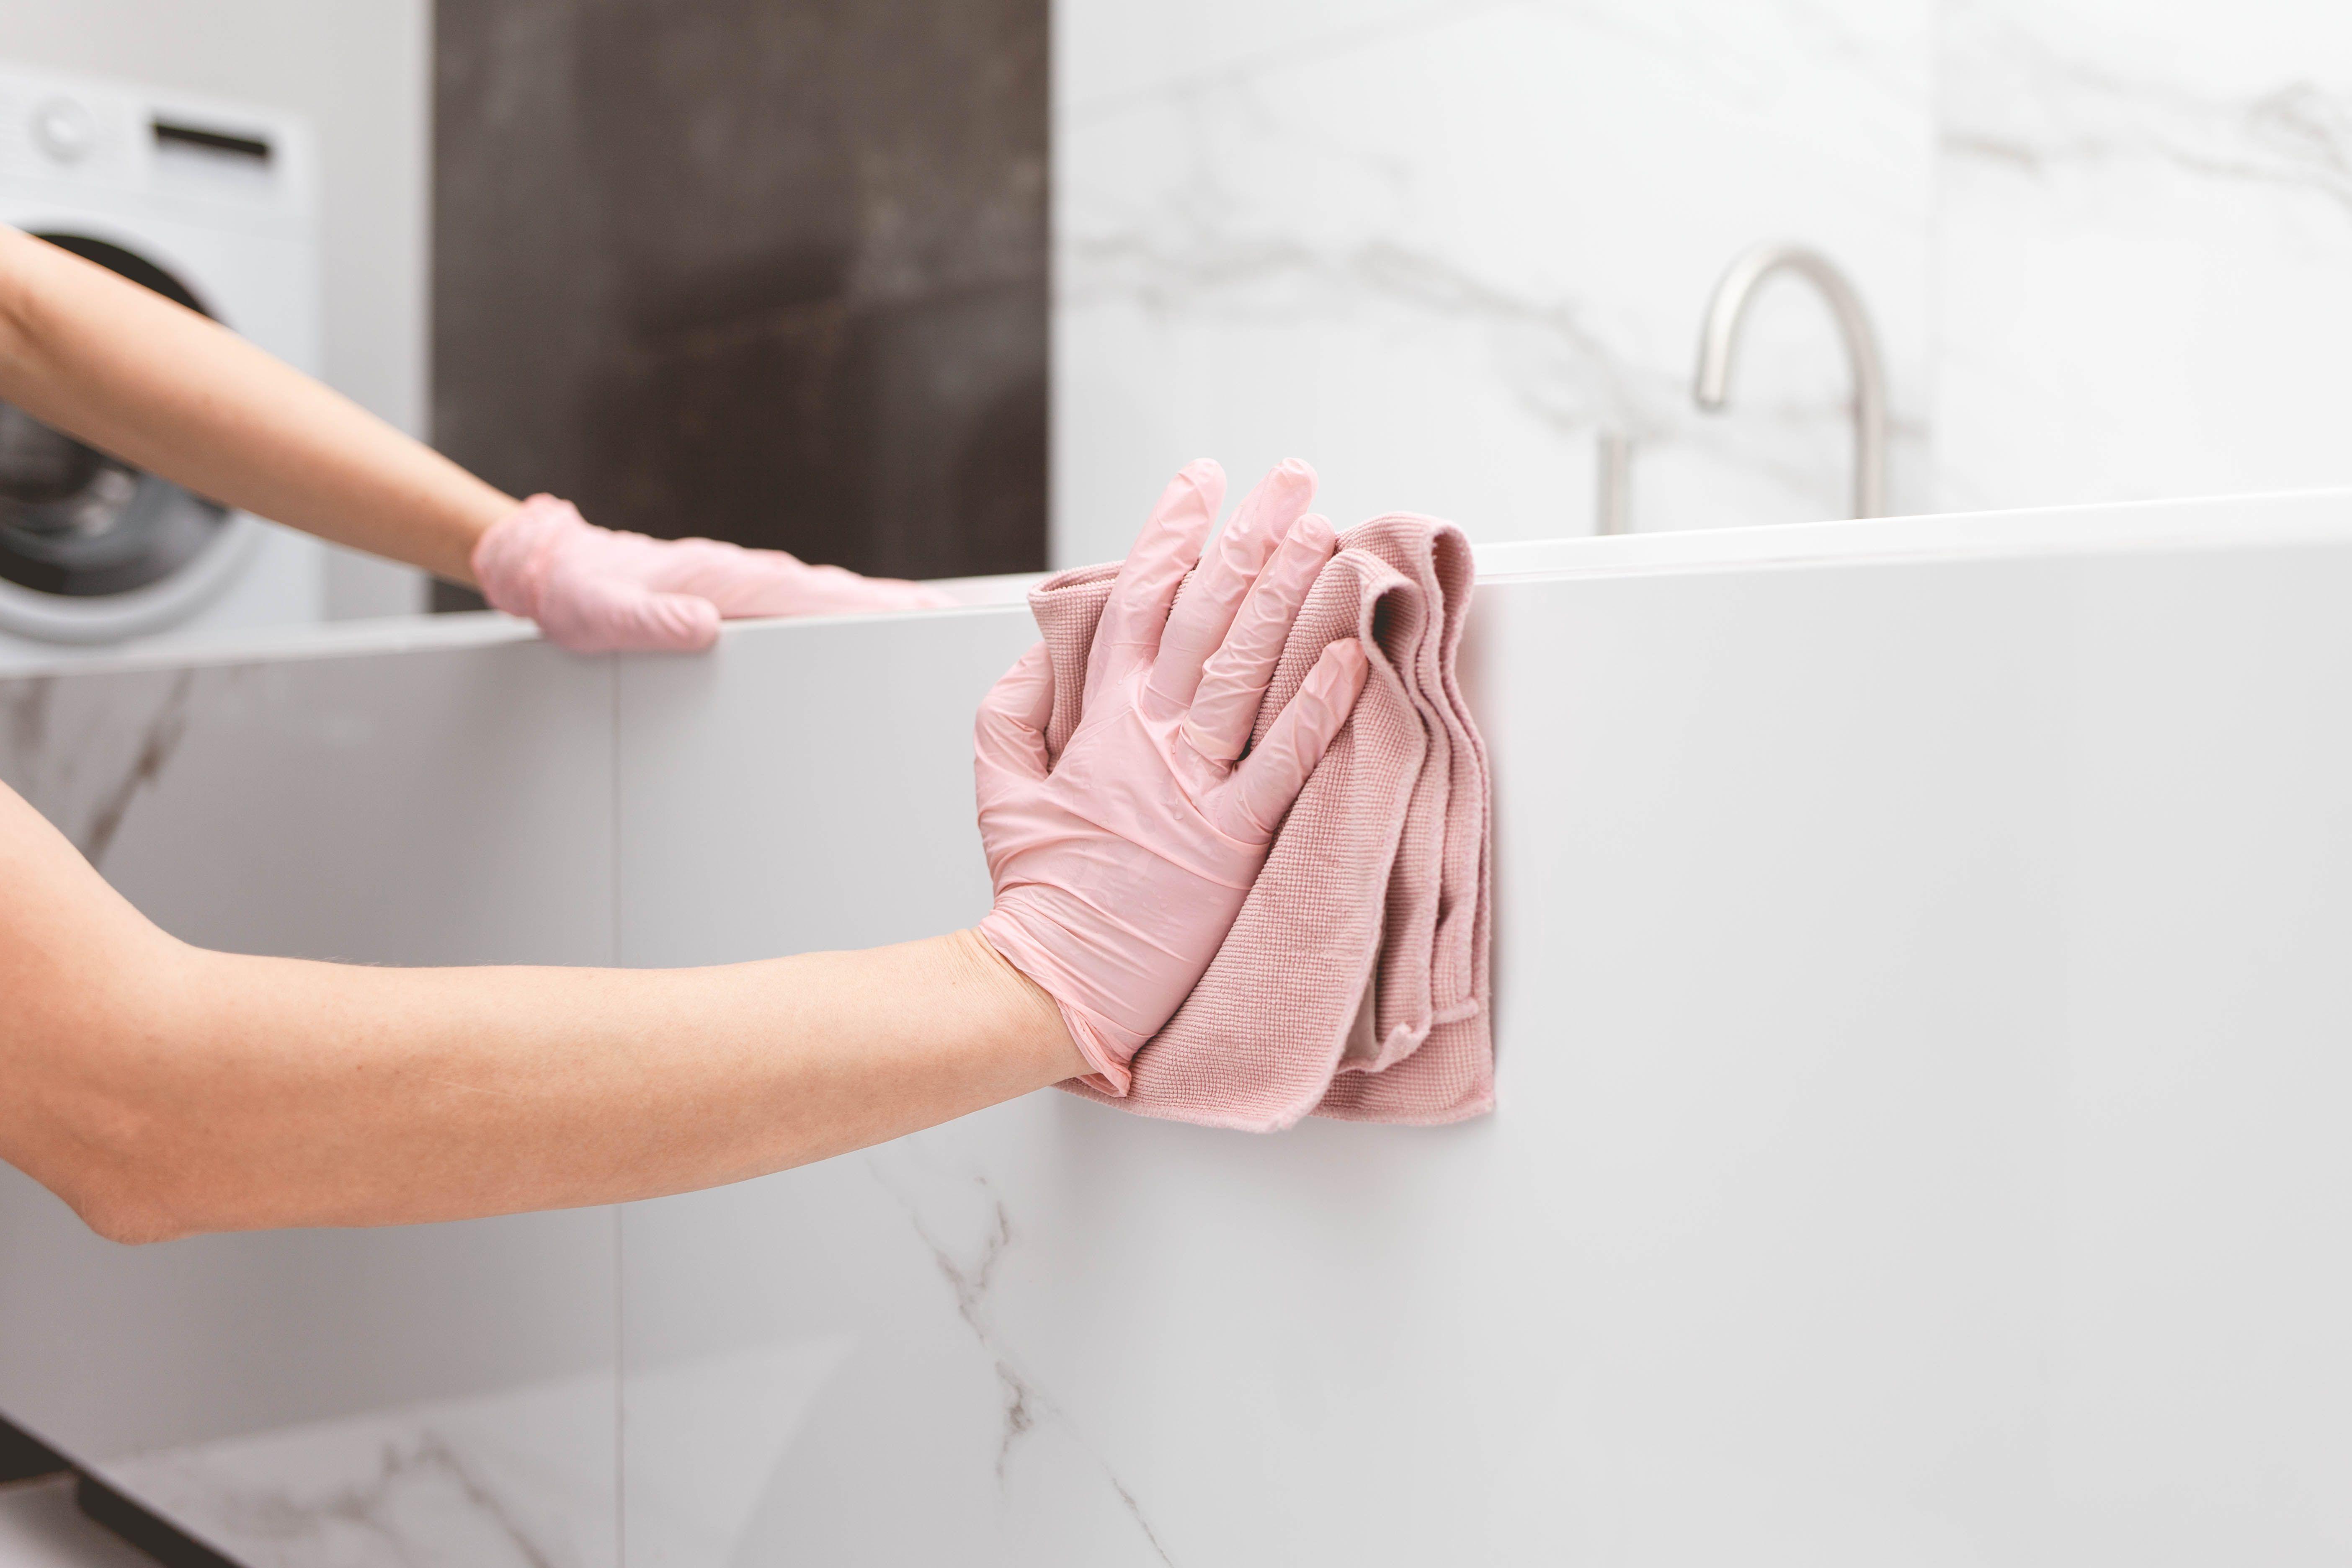 Come pulire i rivestimenti del bagno in ceramica e in marmo